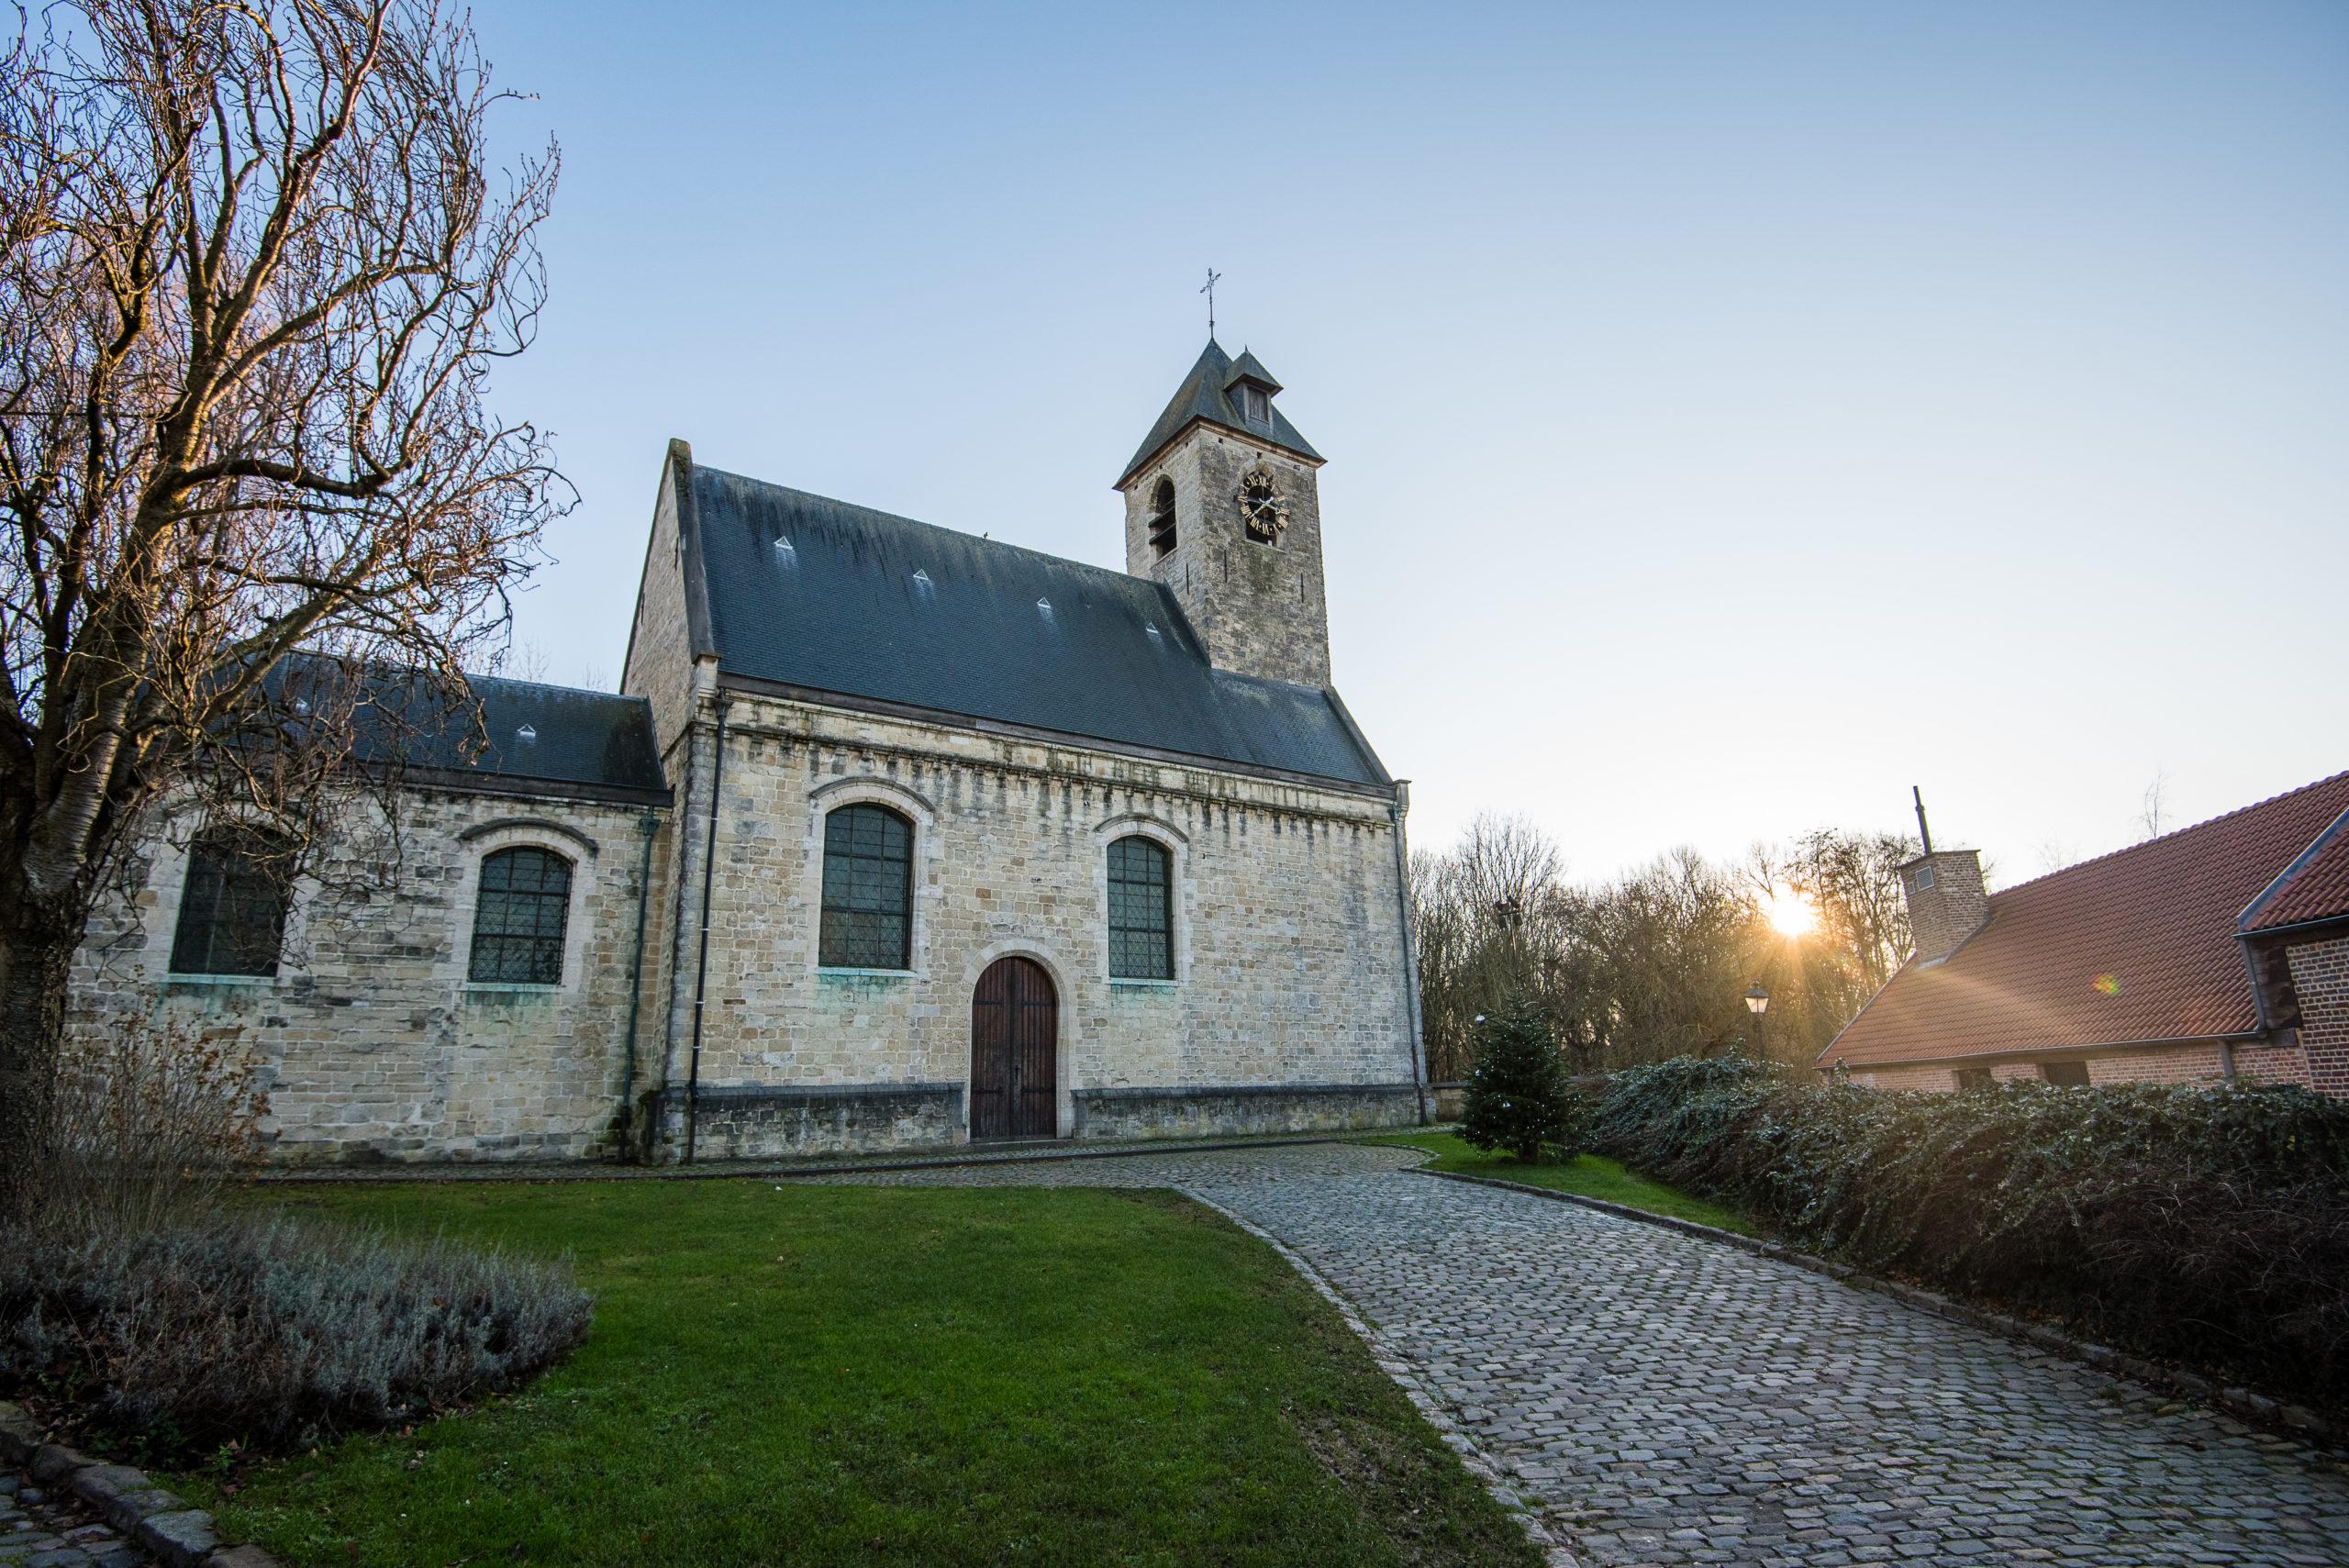 L'Eglise Saint Clément – Maison de Quartier du Dries 1170 Watermael-Boitsfort